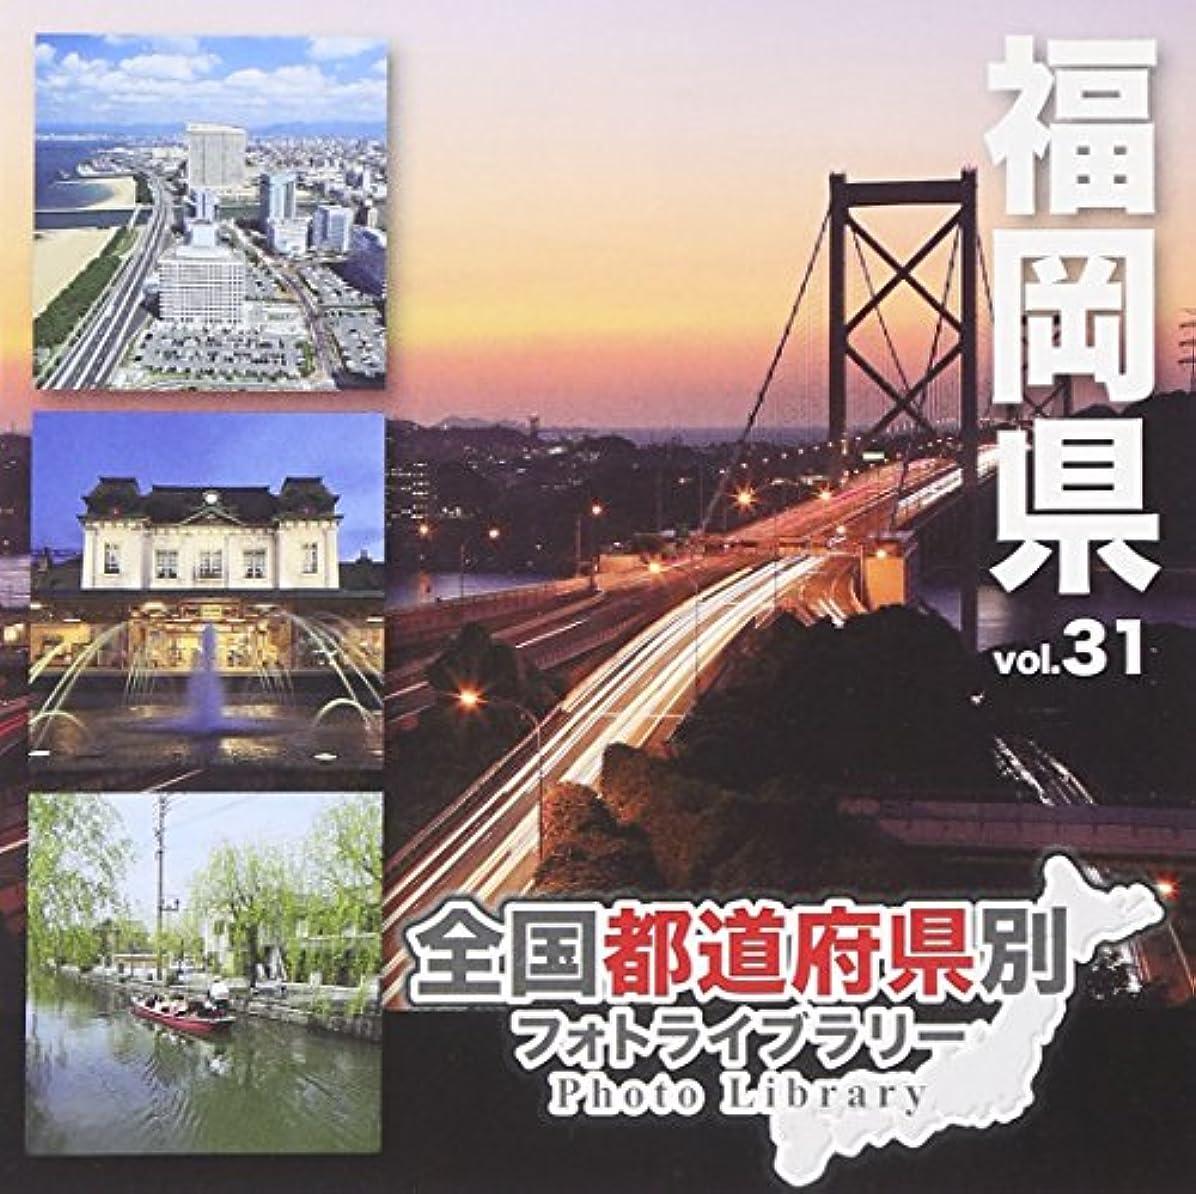 ブラケット役職ぼんやりした全国都道府県別フォトライブラリー Vol.31 福岡県